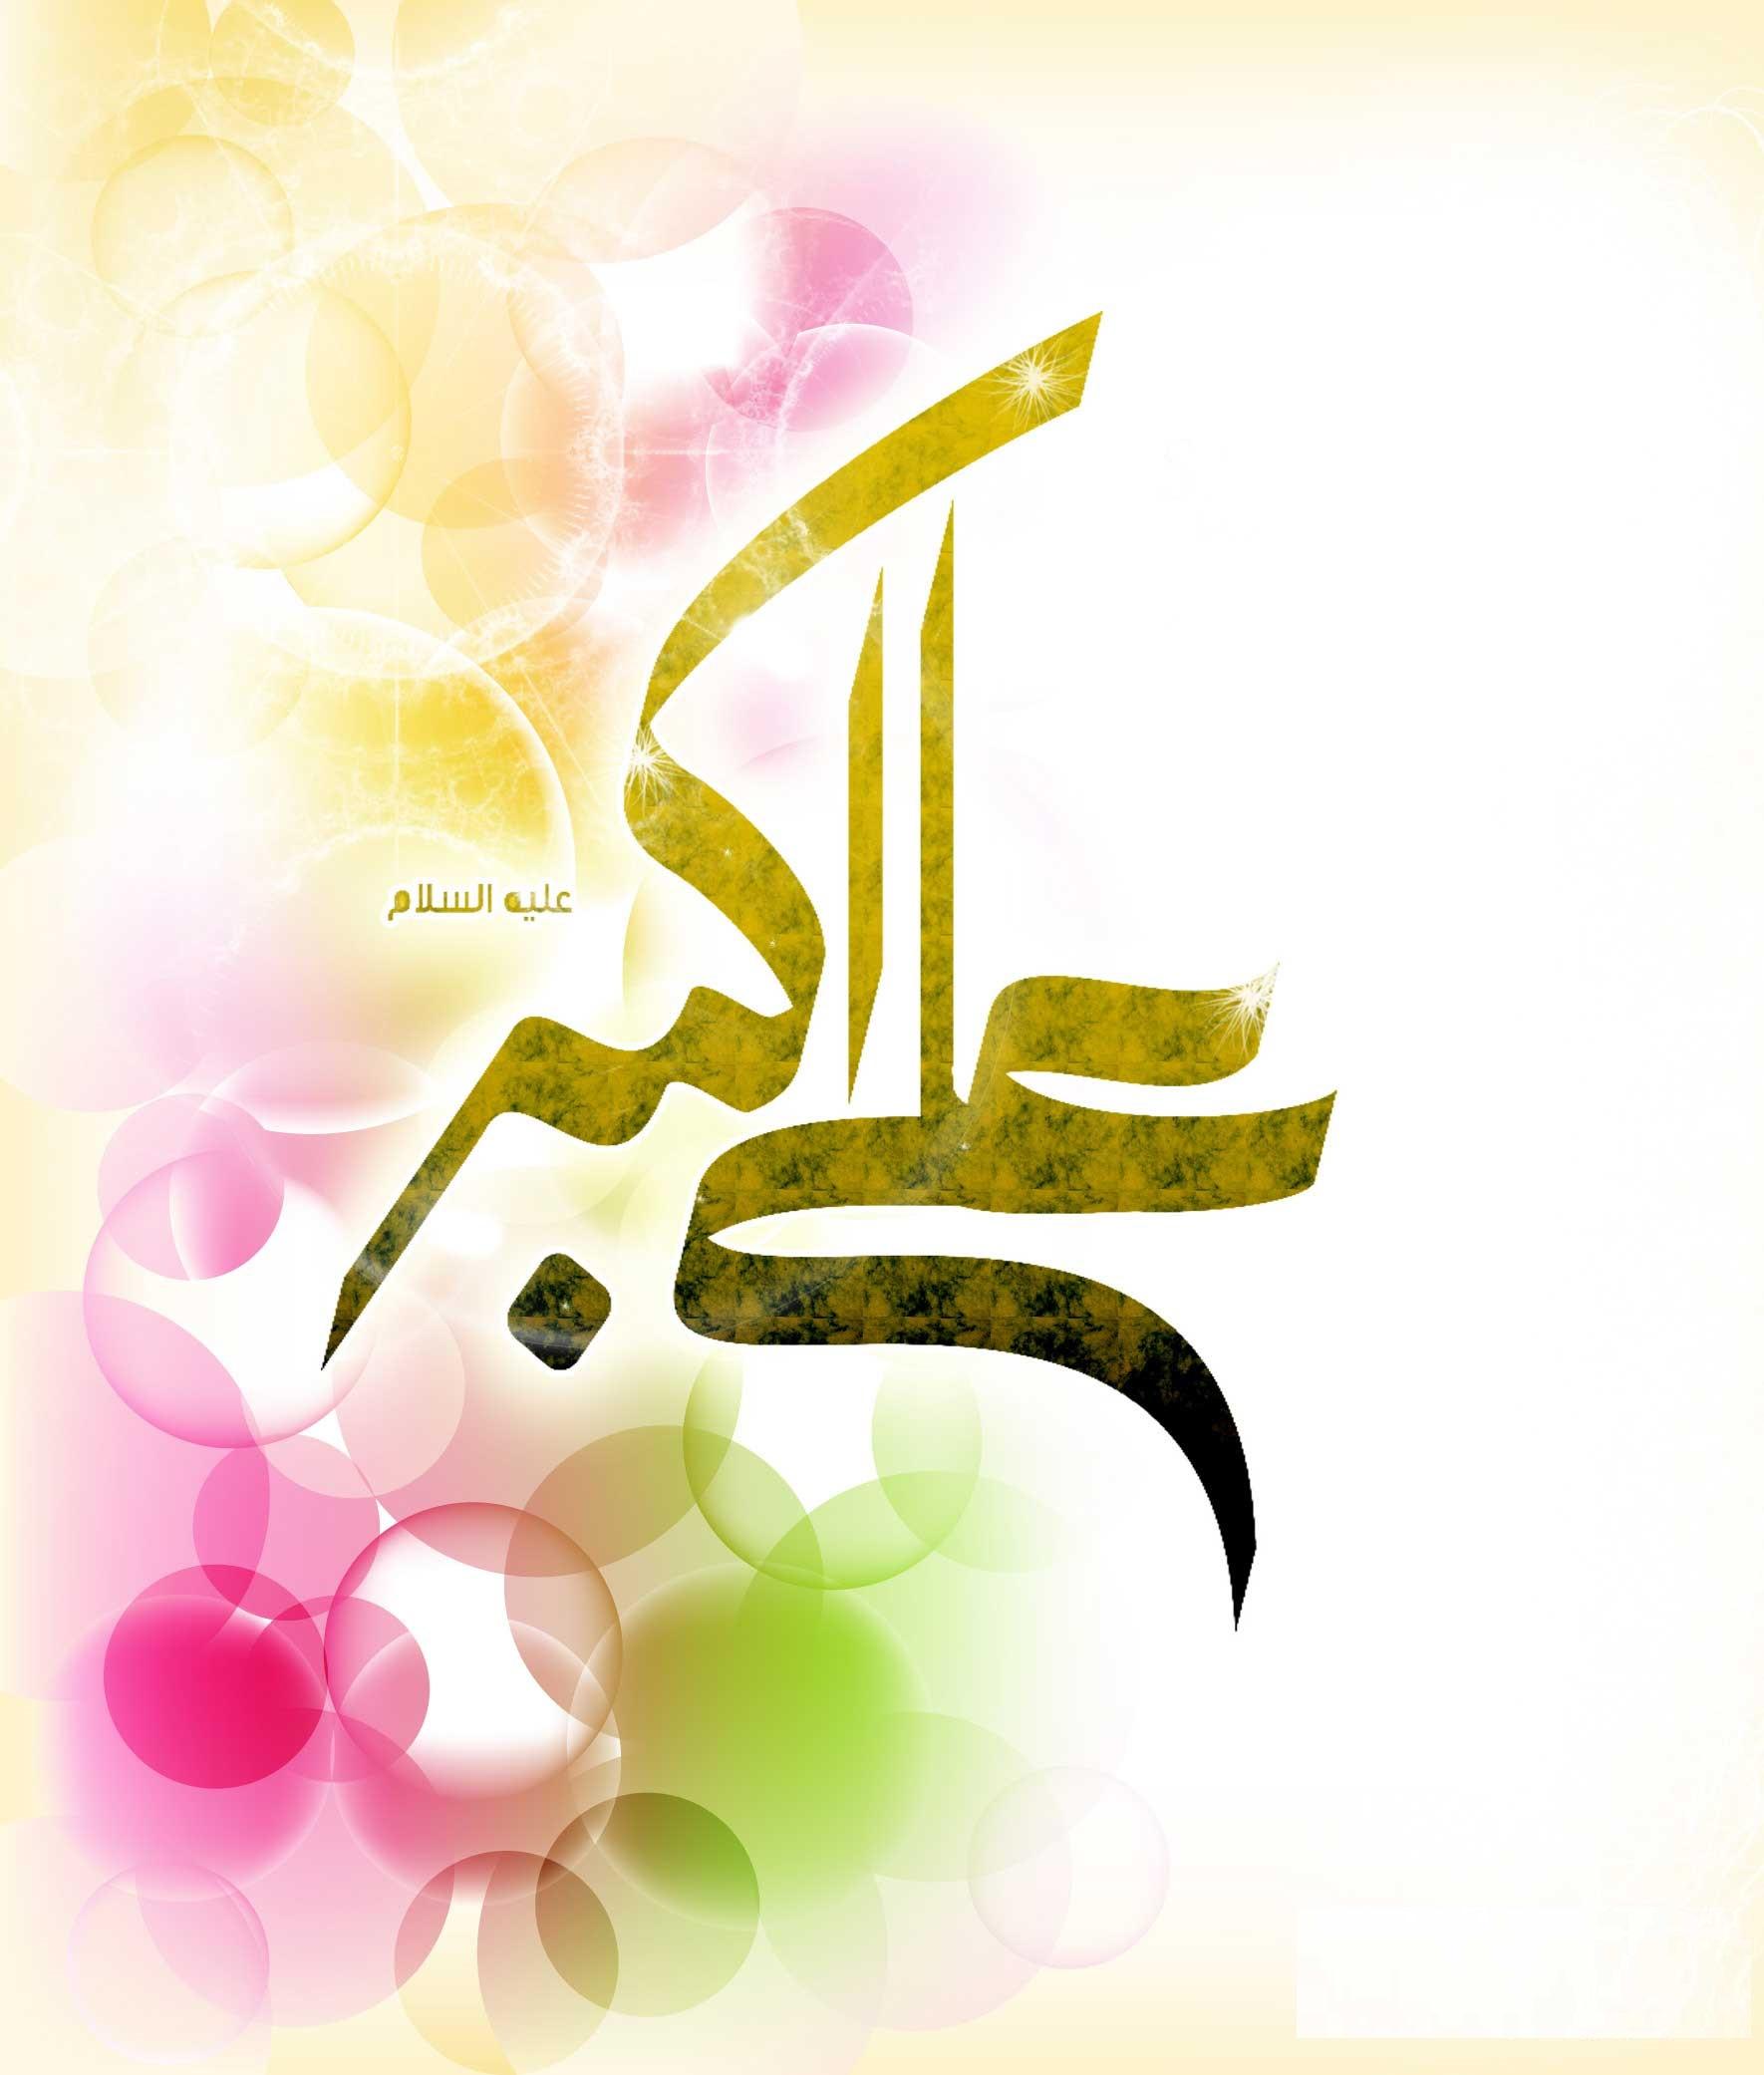 گلچین بهترین اشعار ولادت حضرت علی اکبر(ع)